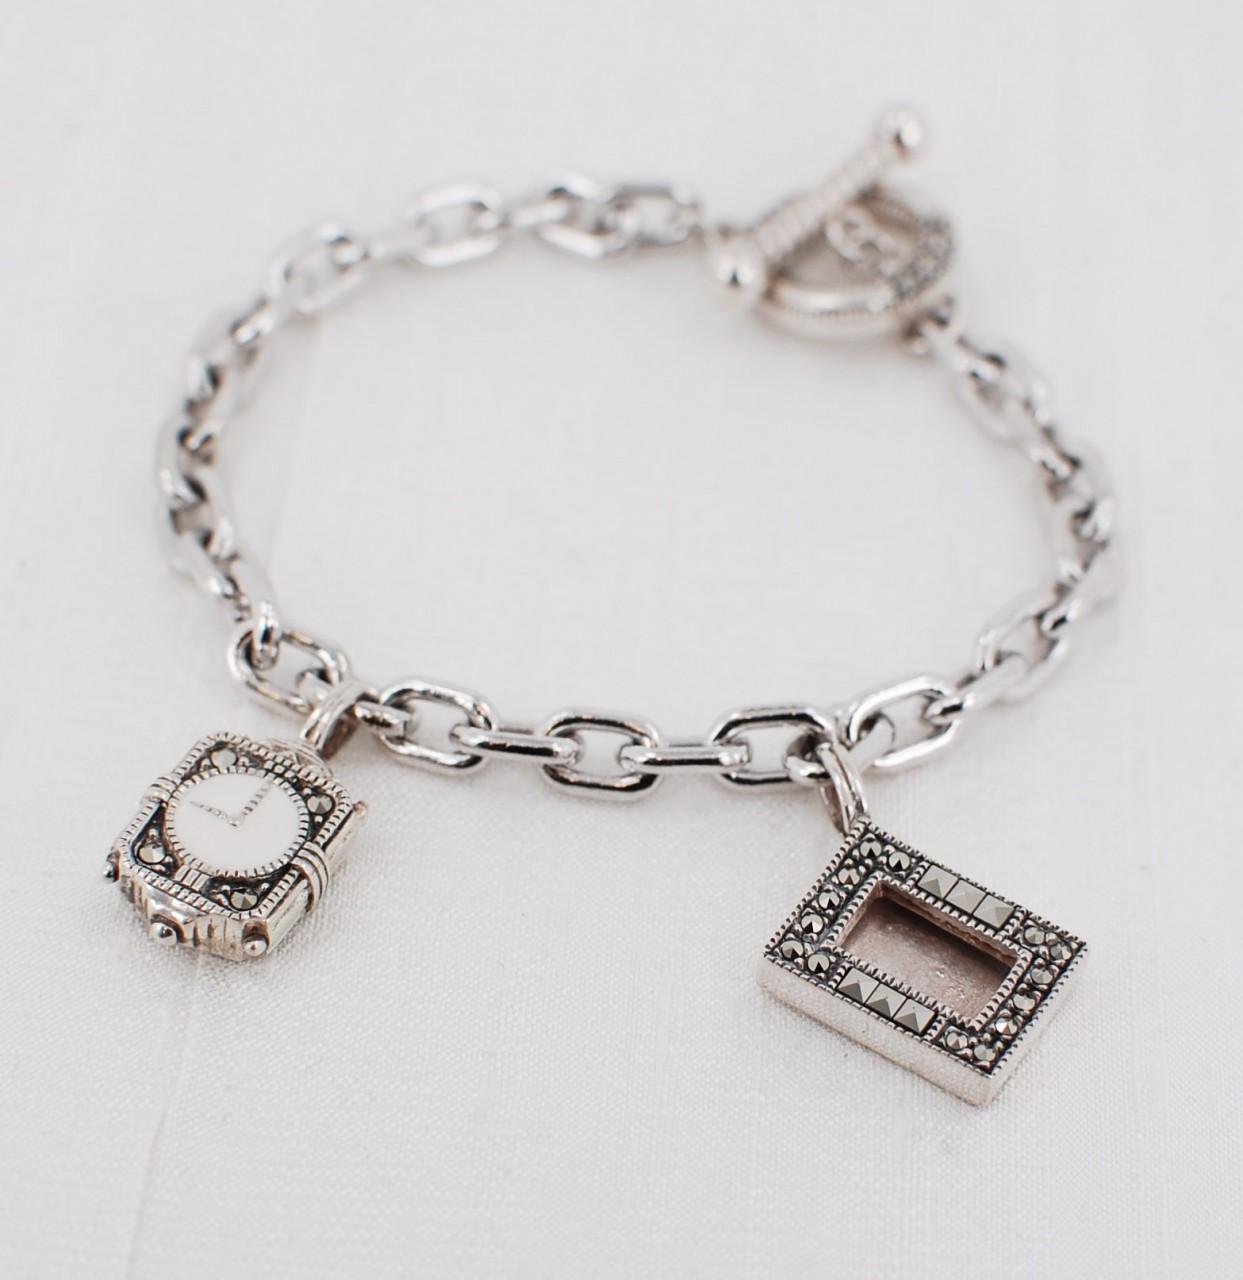 Charm Bracelet with Clock & Frame Charms - Kazia Digo Jewelry